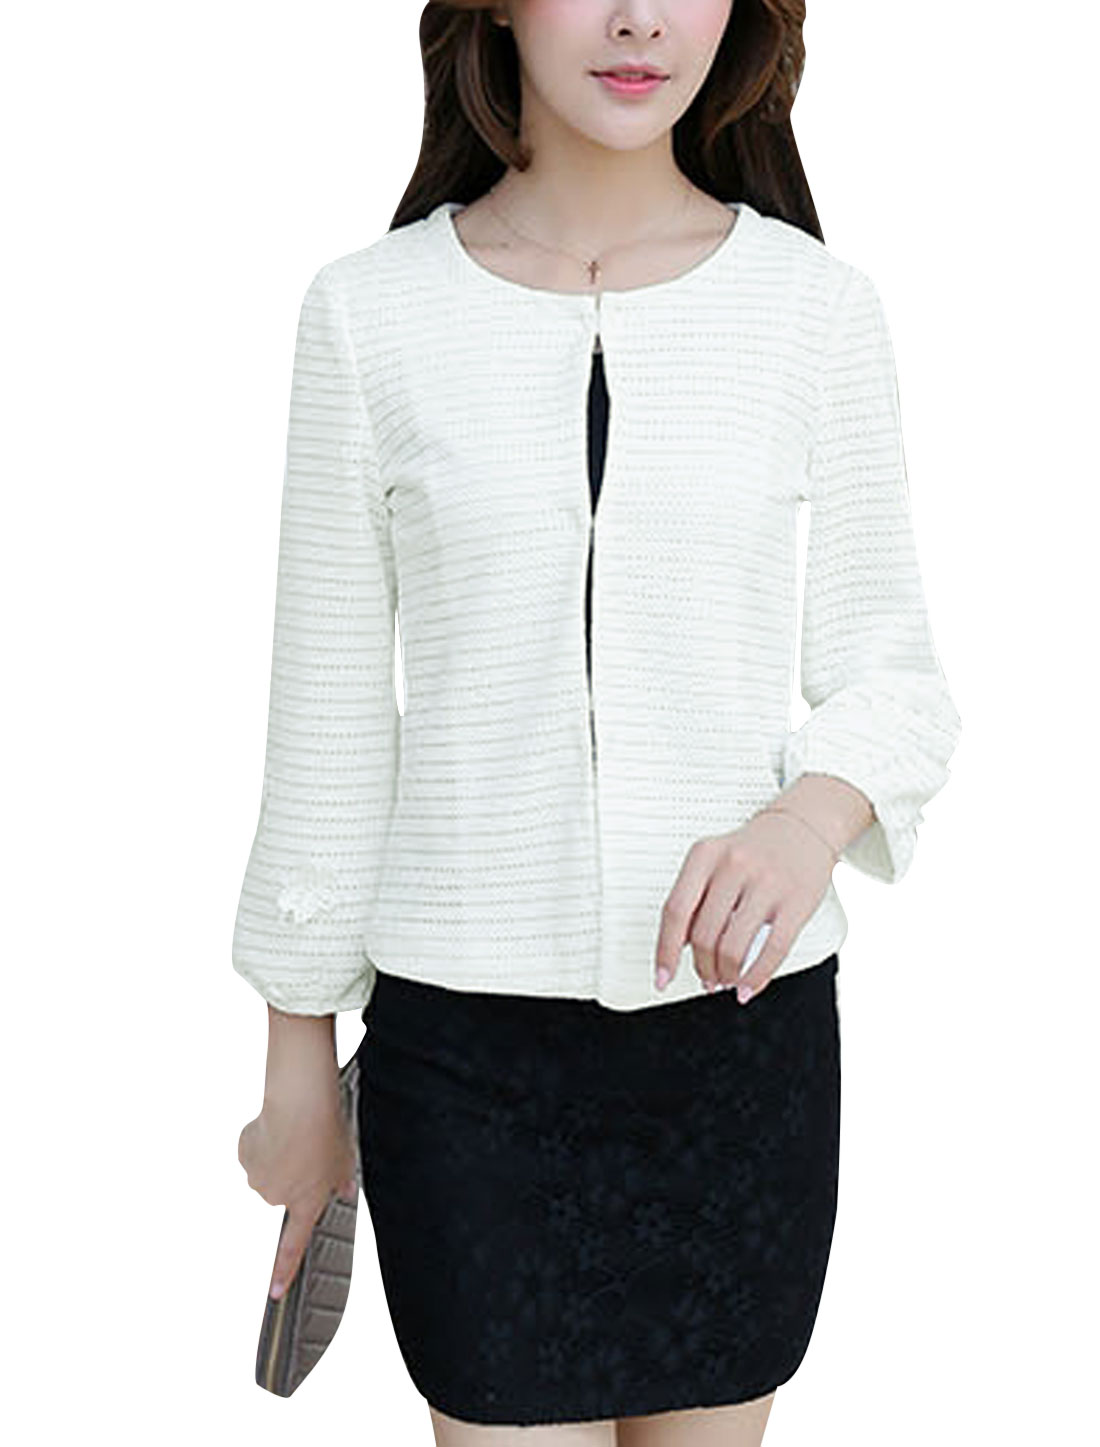 Women 3/4 Lantern Sleeves Flower Applique Chiffon Lined Textured Blazer White M